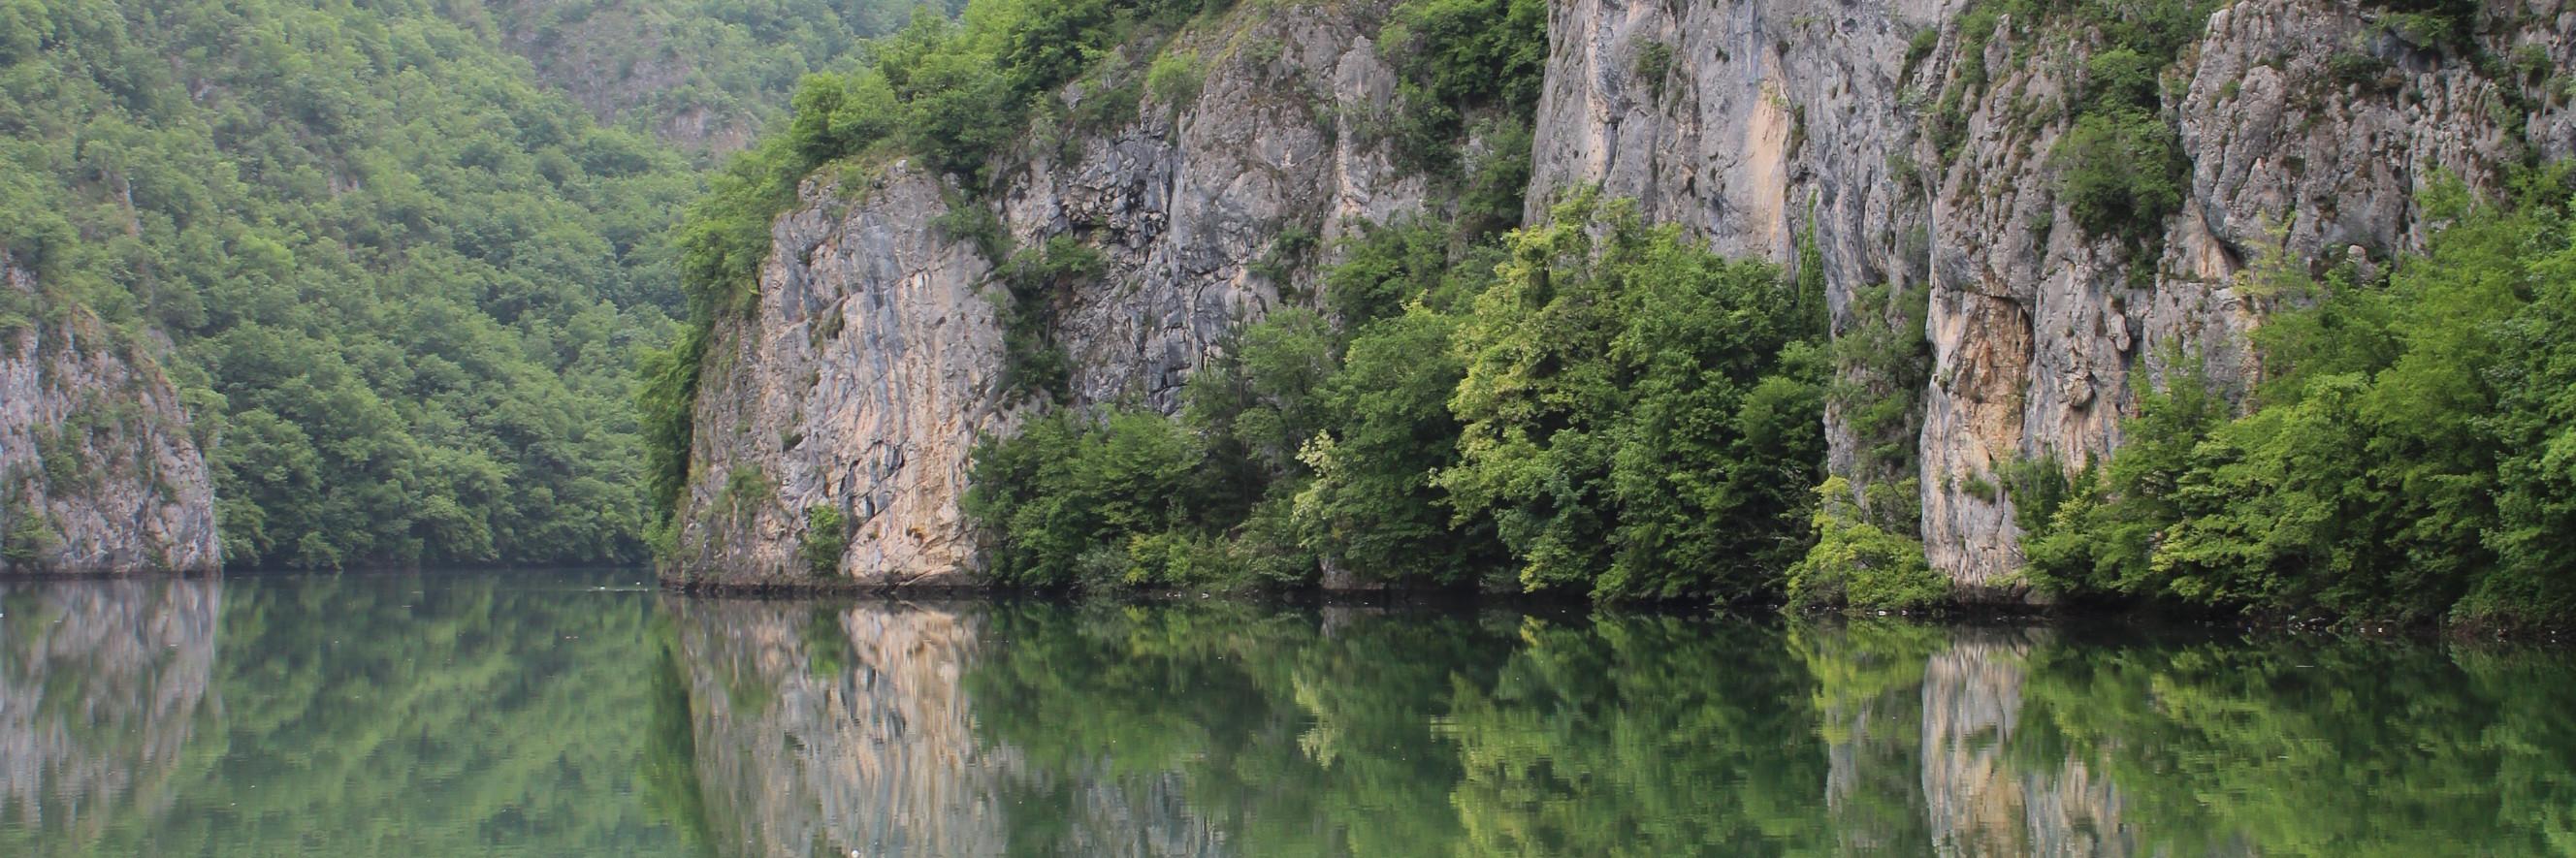 Каньон реки Лим